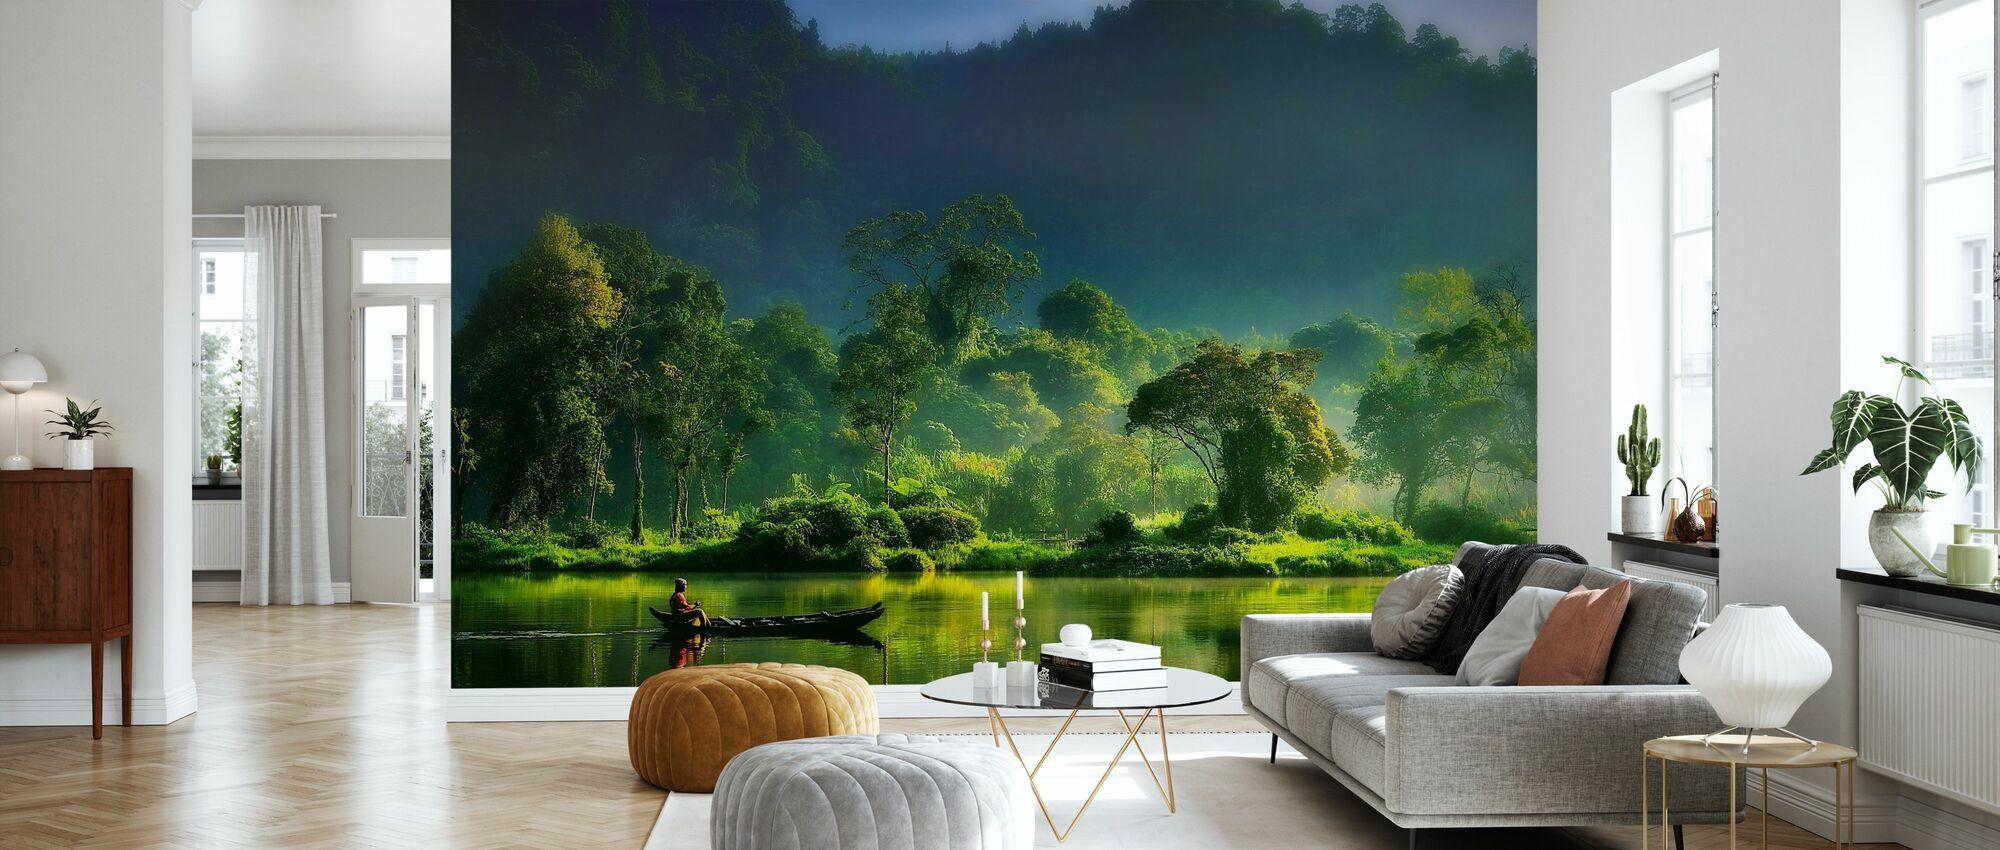 Malerei der Natur - Tapete - Wohnzimmer